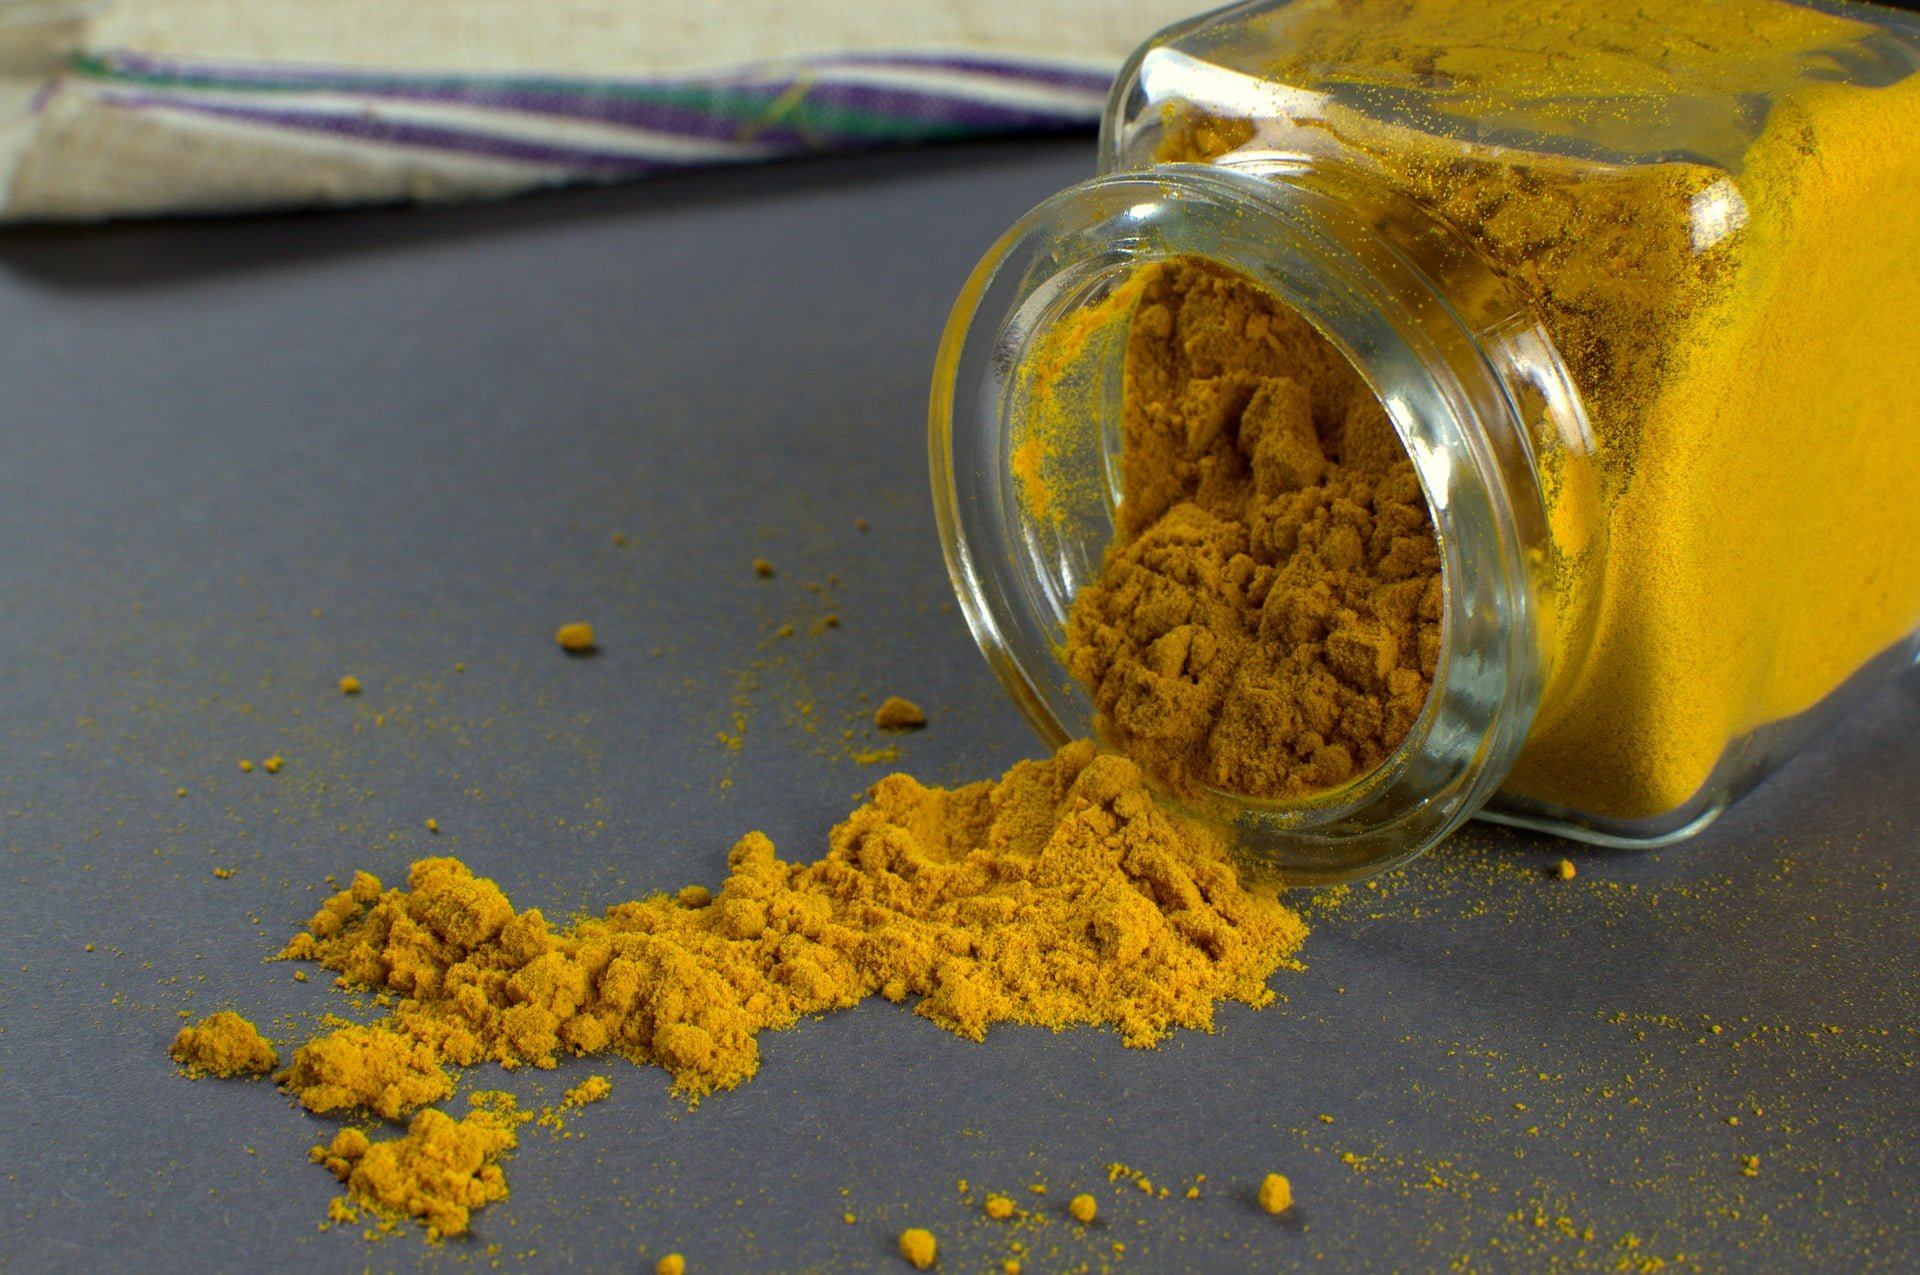 Jar of turmeric